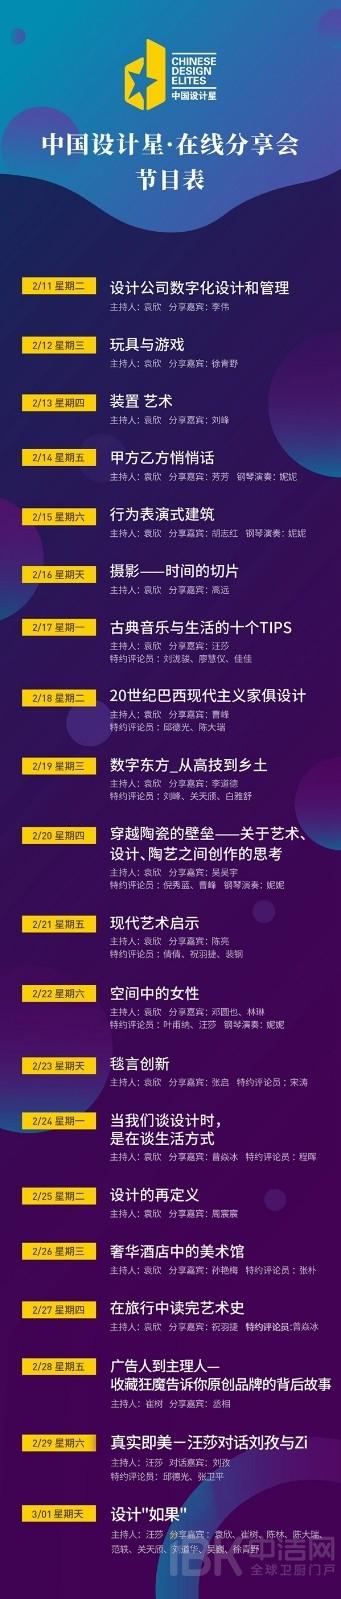 8-中国设计星分享会嘉宾主题表.jpg